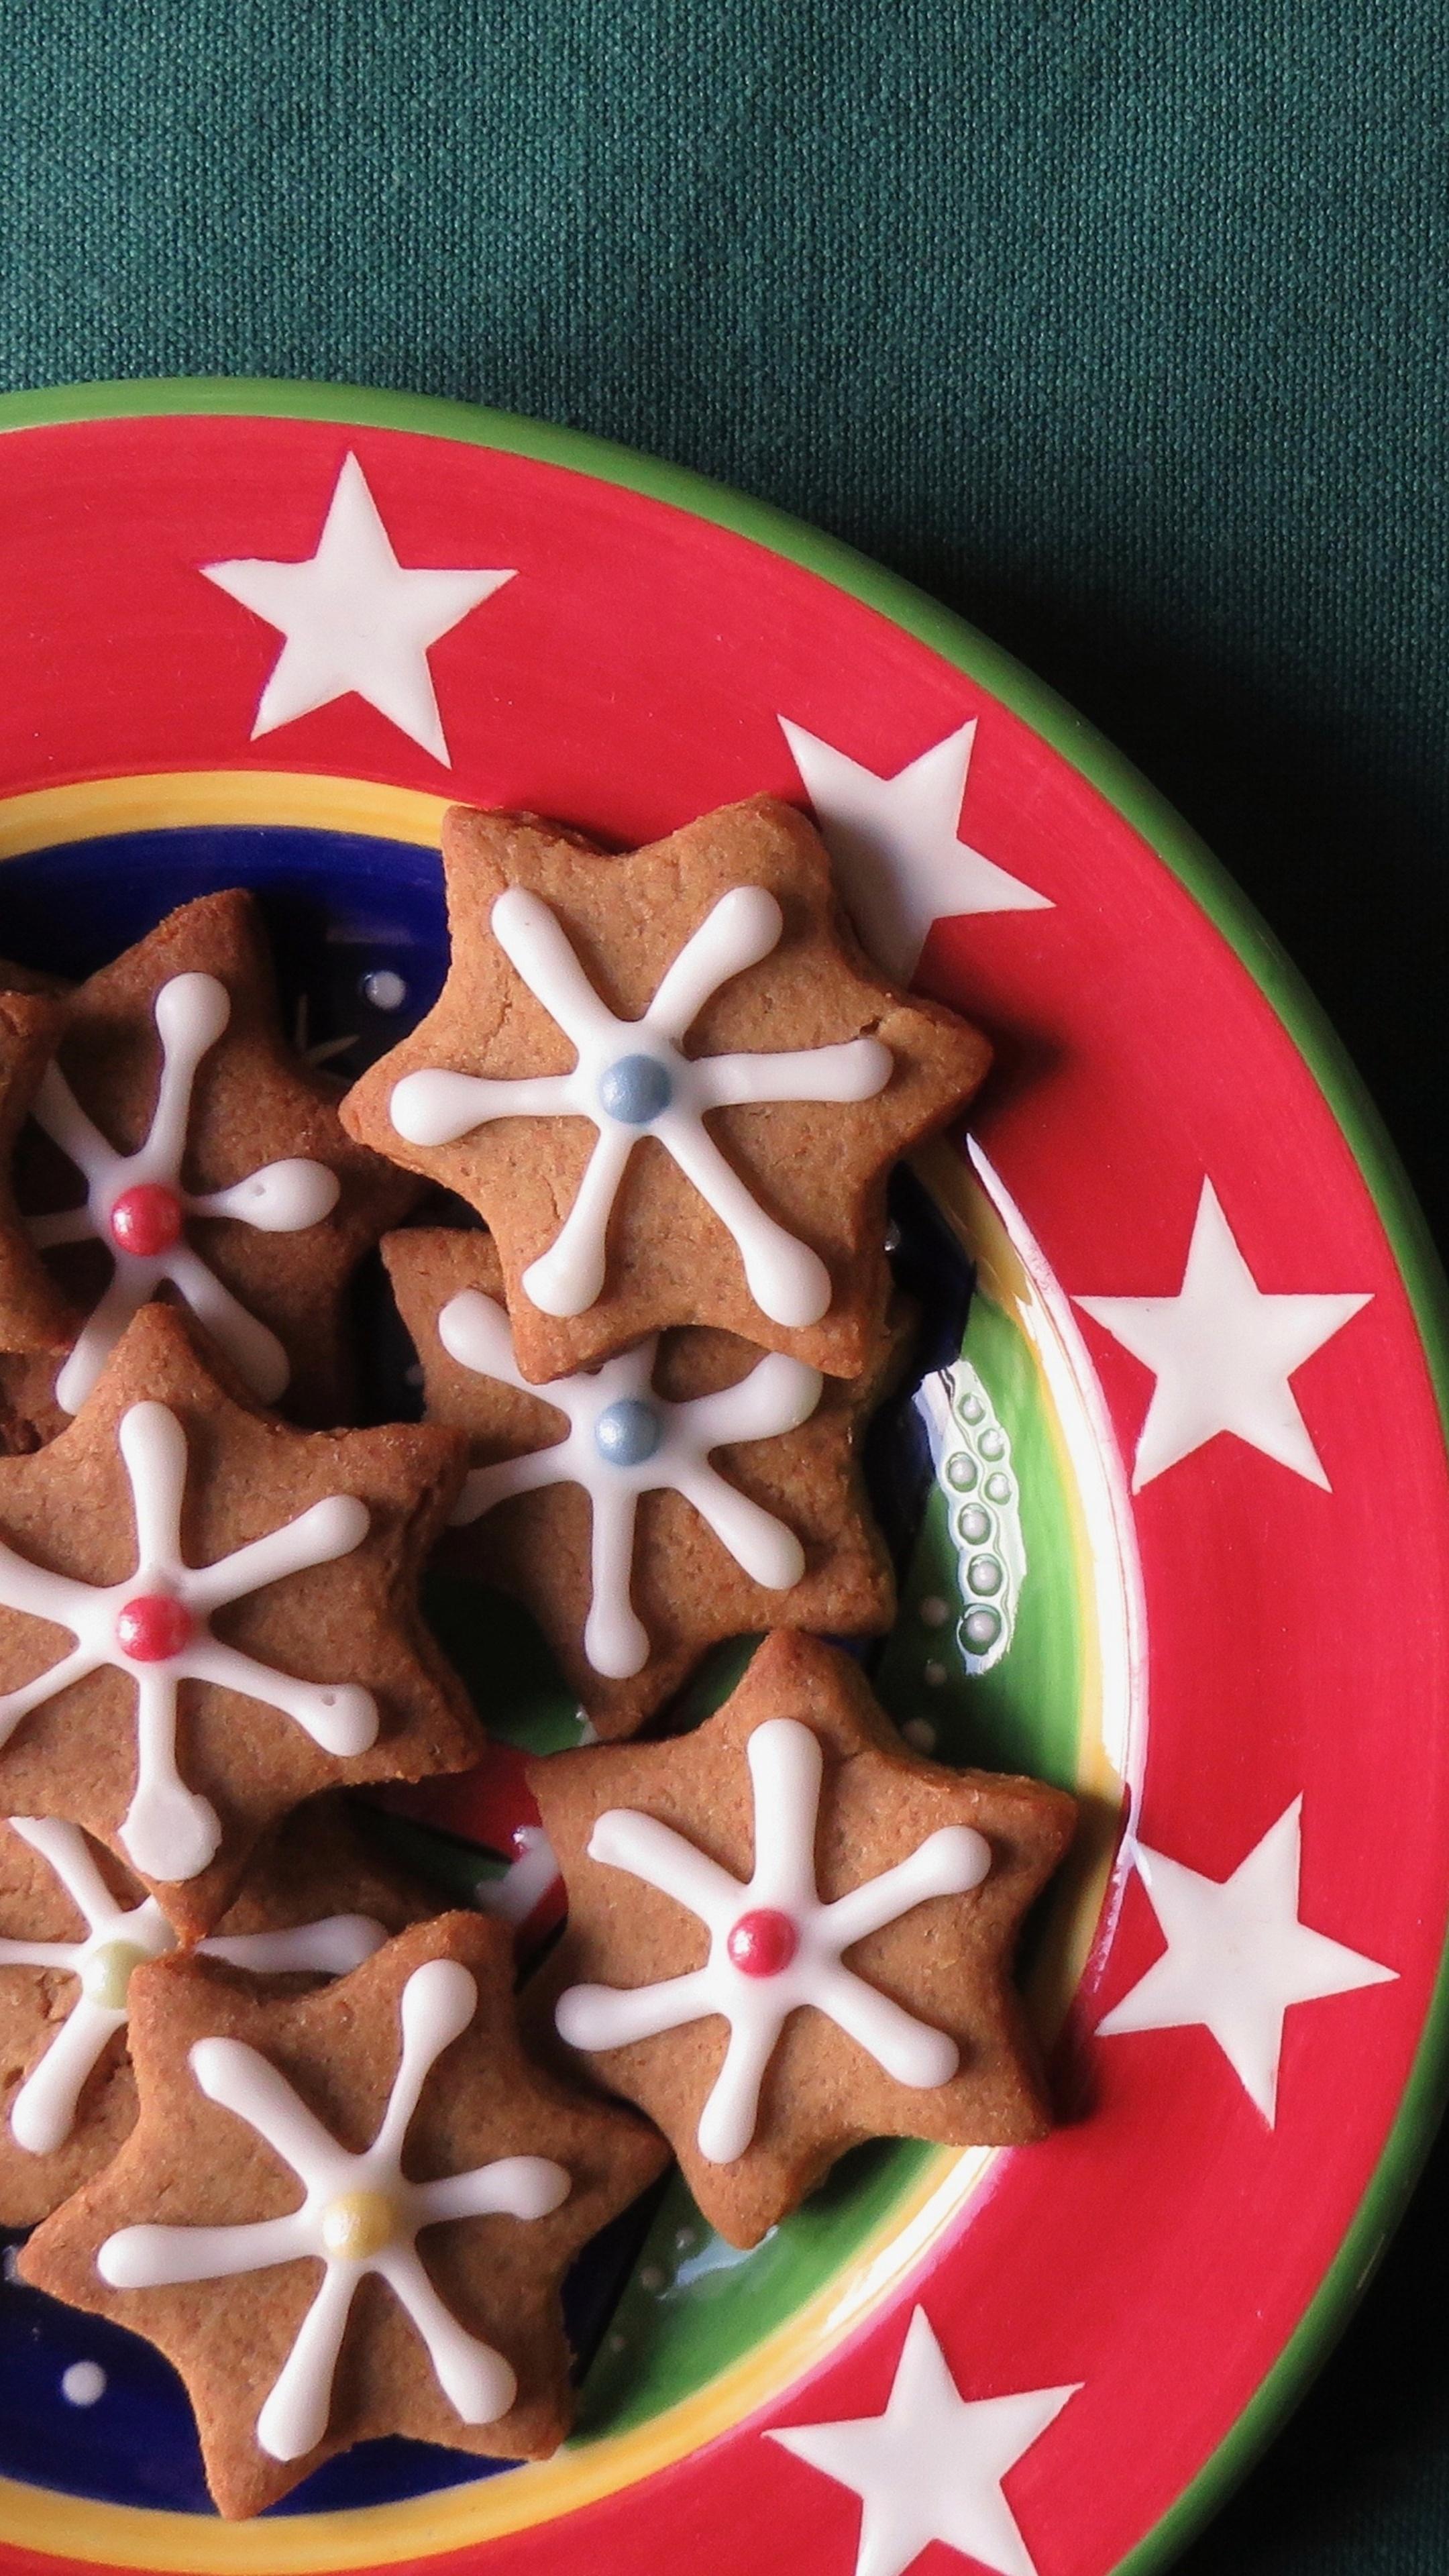 2160x3840 Christmas Cookies Sony Xperia X,XZ,Z5 Premium HD ...